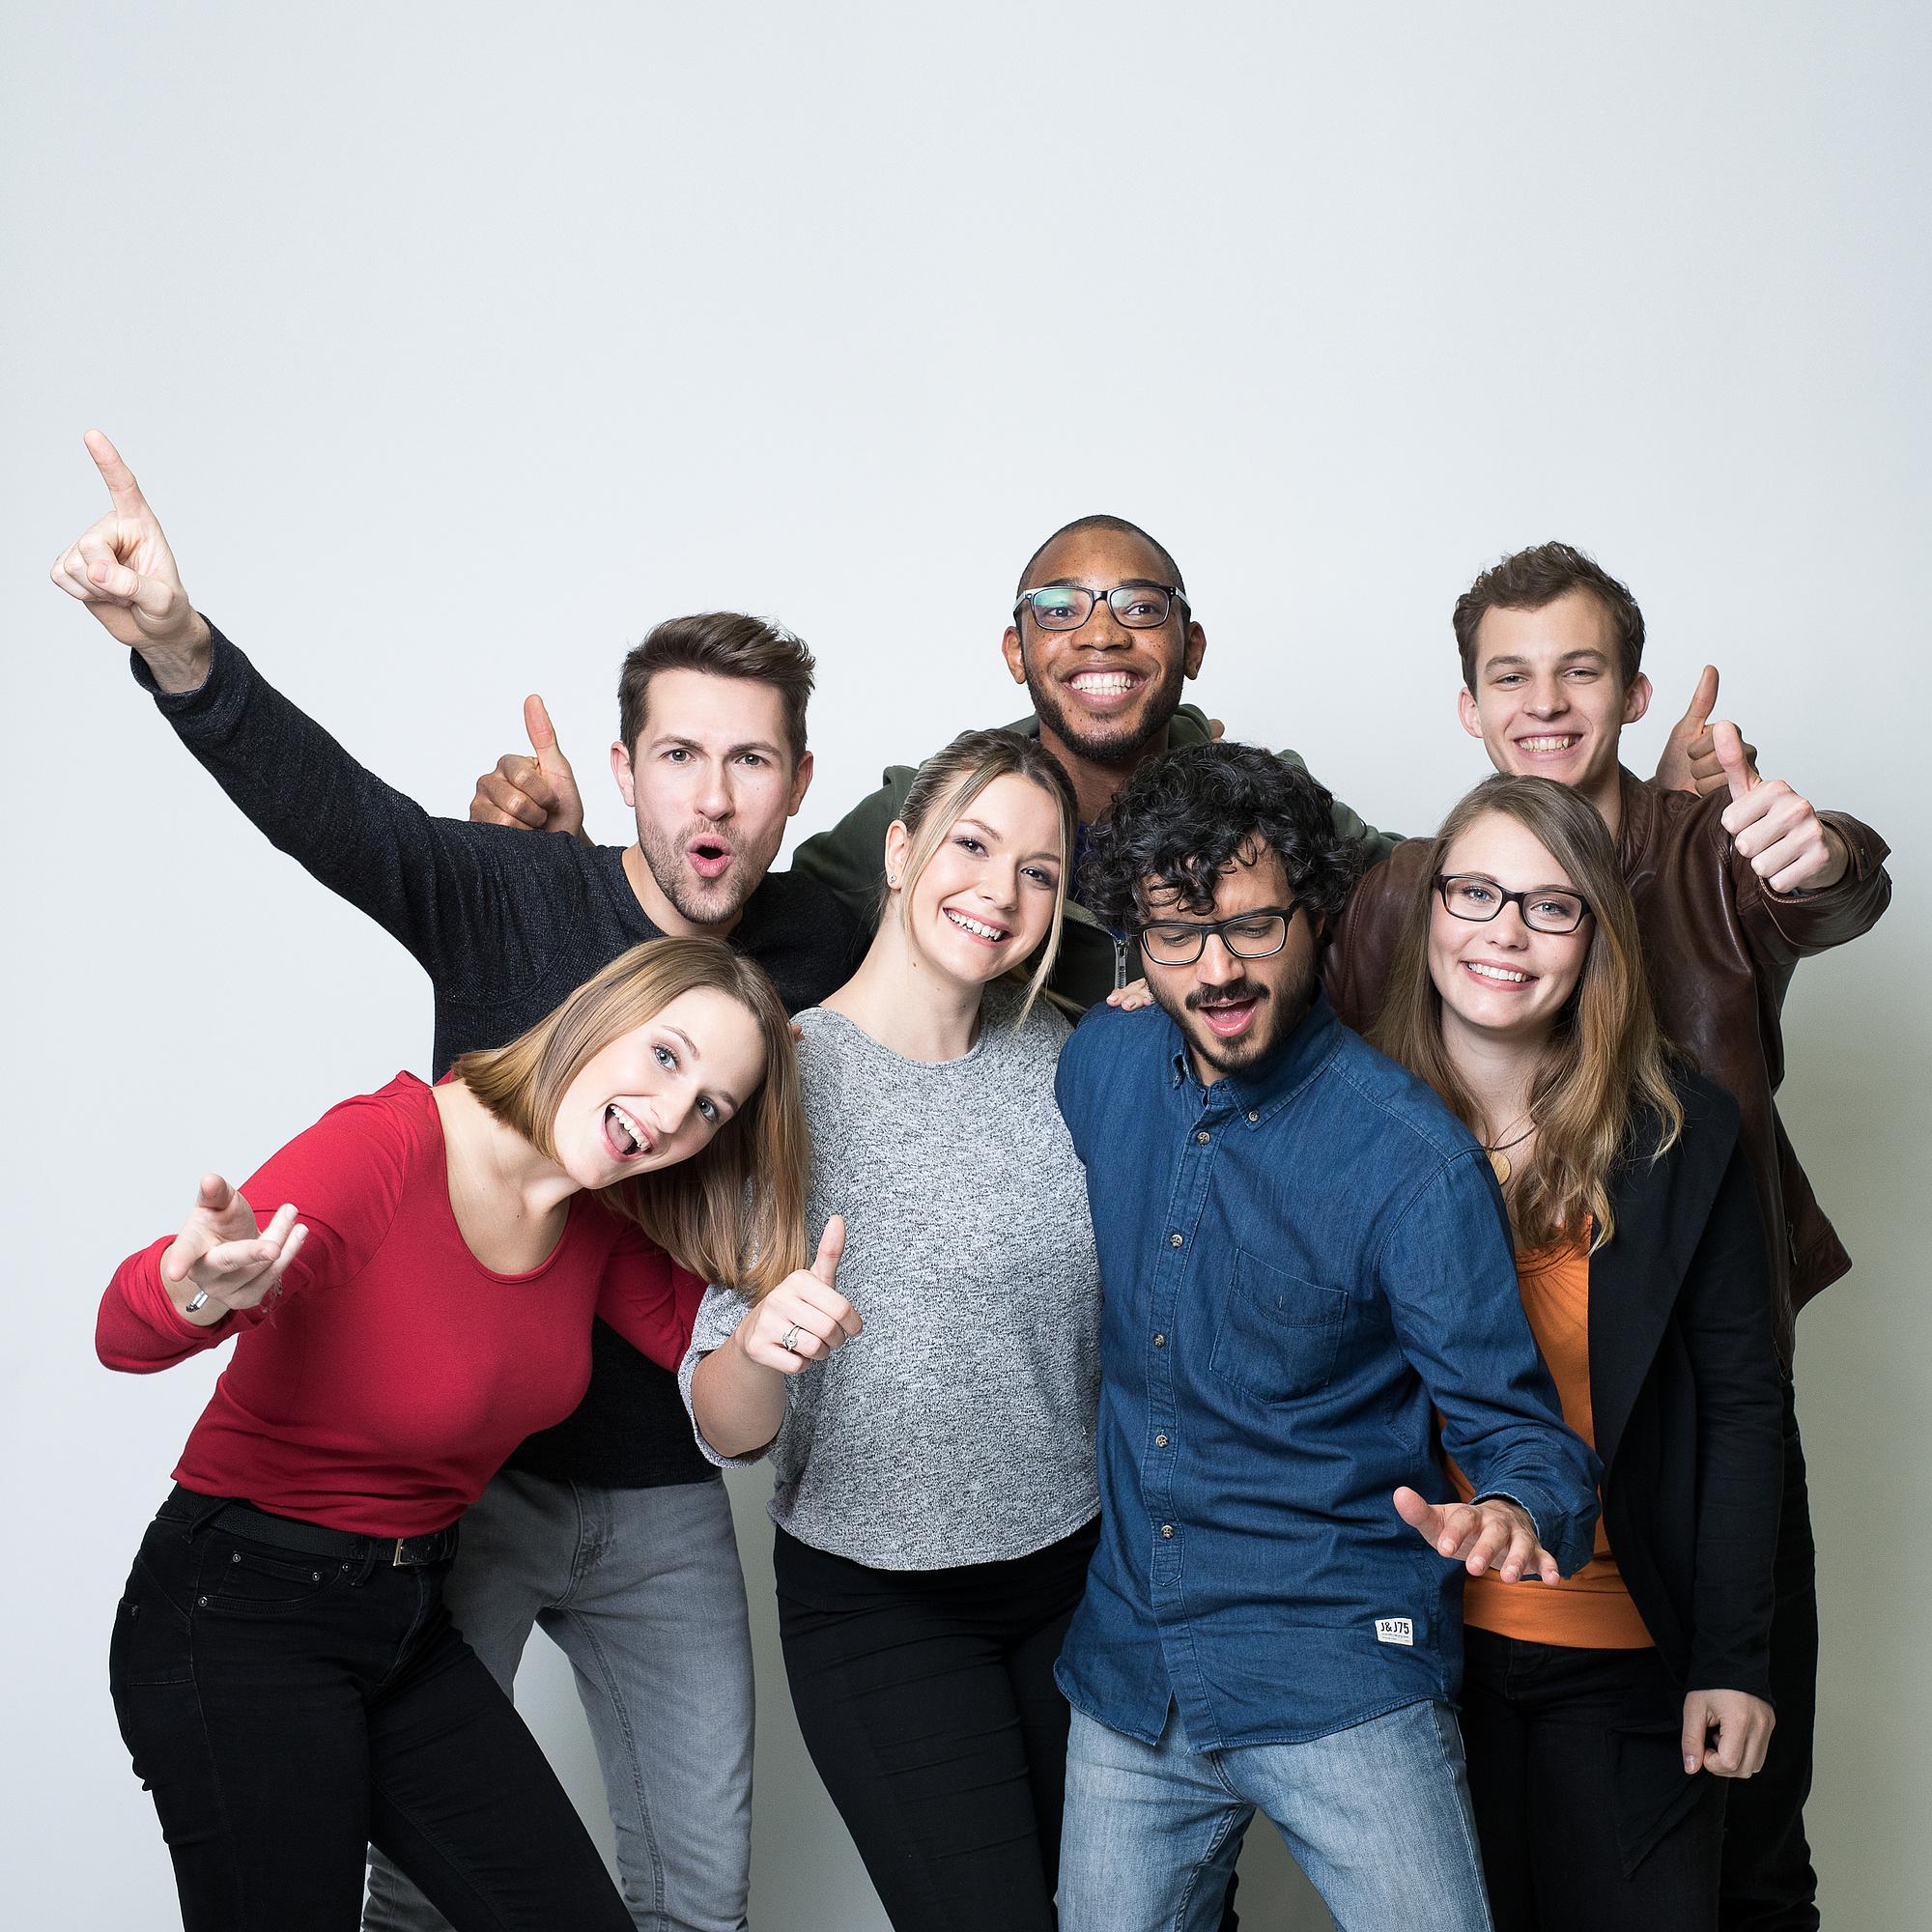 Ein Gruppe Studierender posiert lachend vor der Kamera.